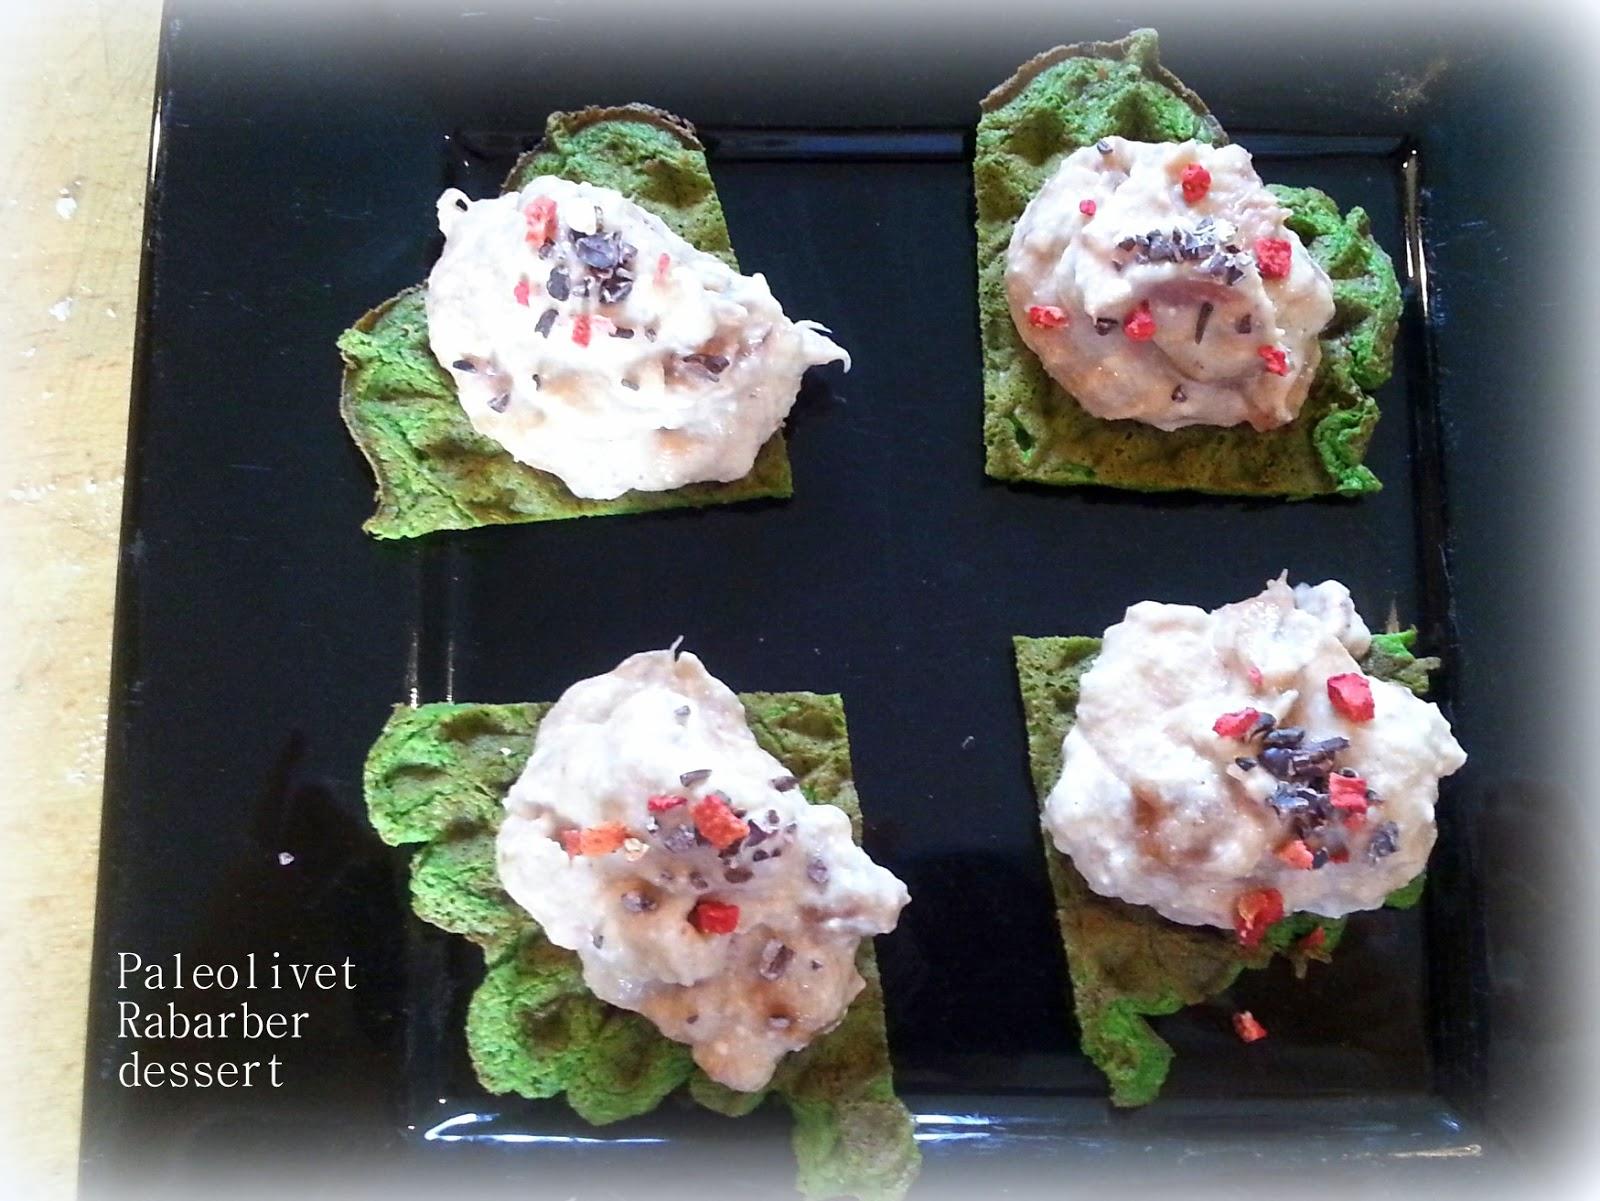 Paleolivet: En rabarber dessert - vafler med rabarbertopping